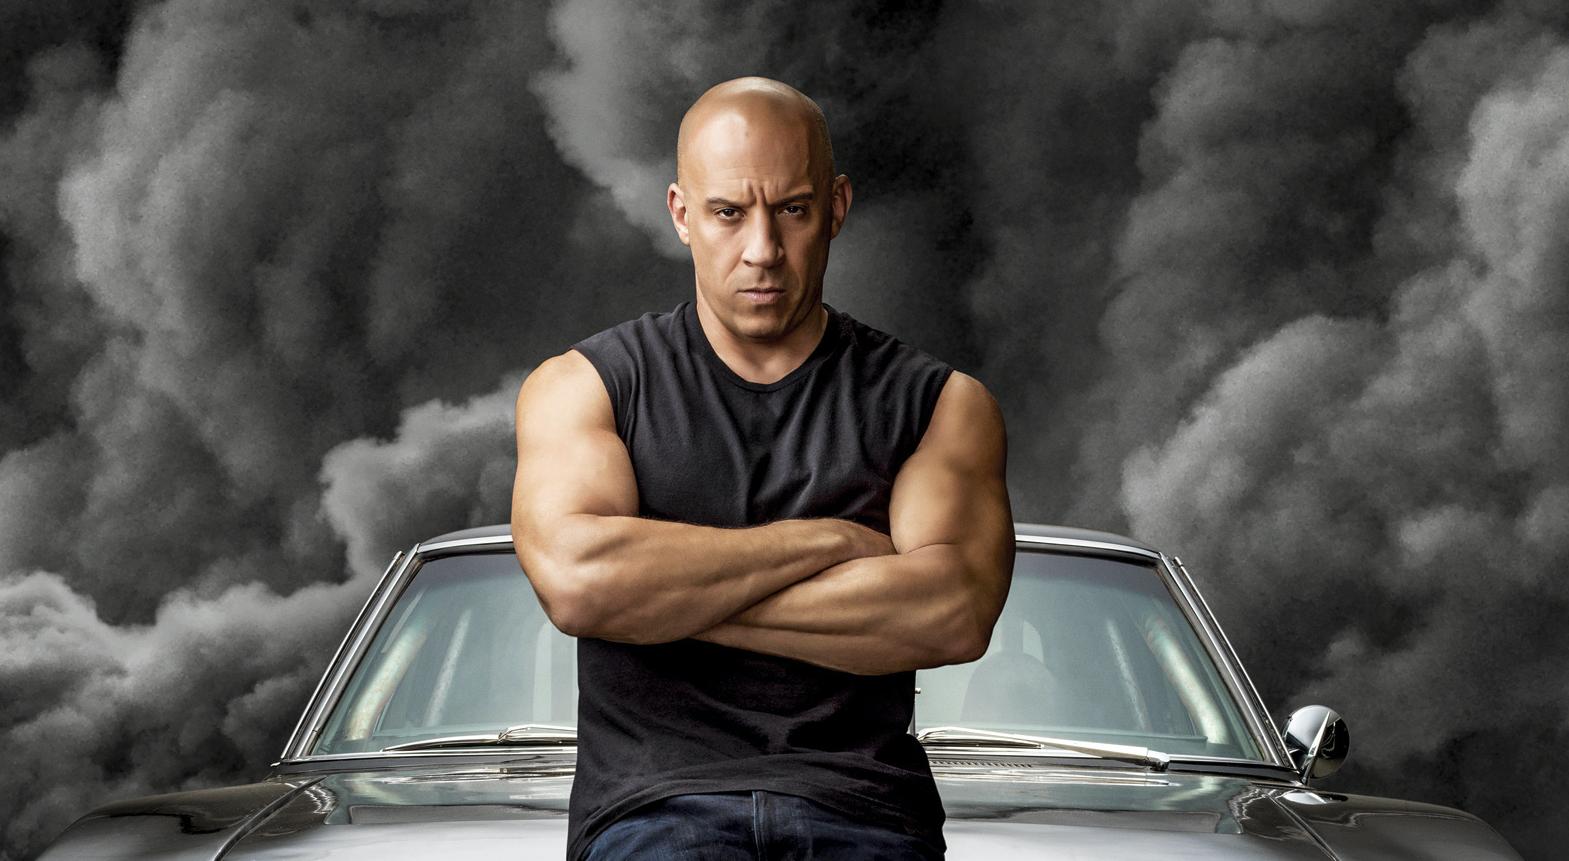 Vin Diesel in Fast & Furious 9